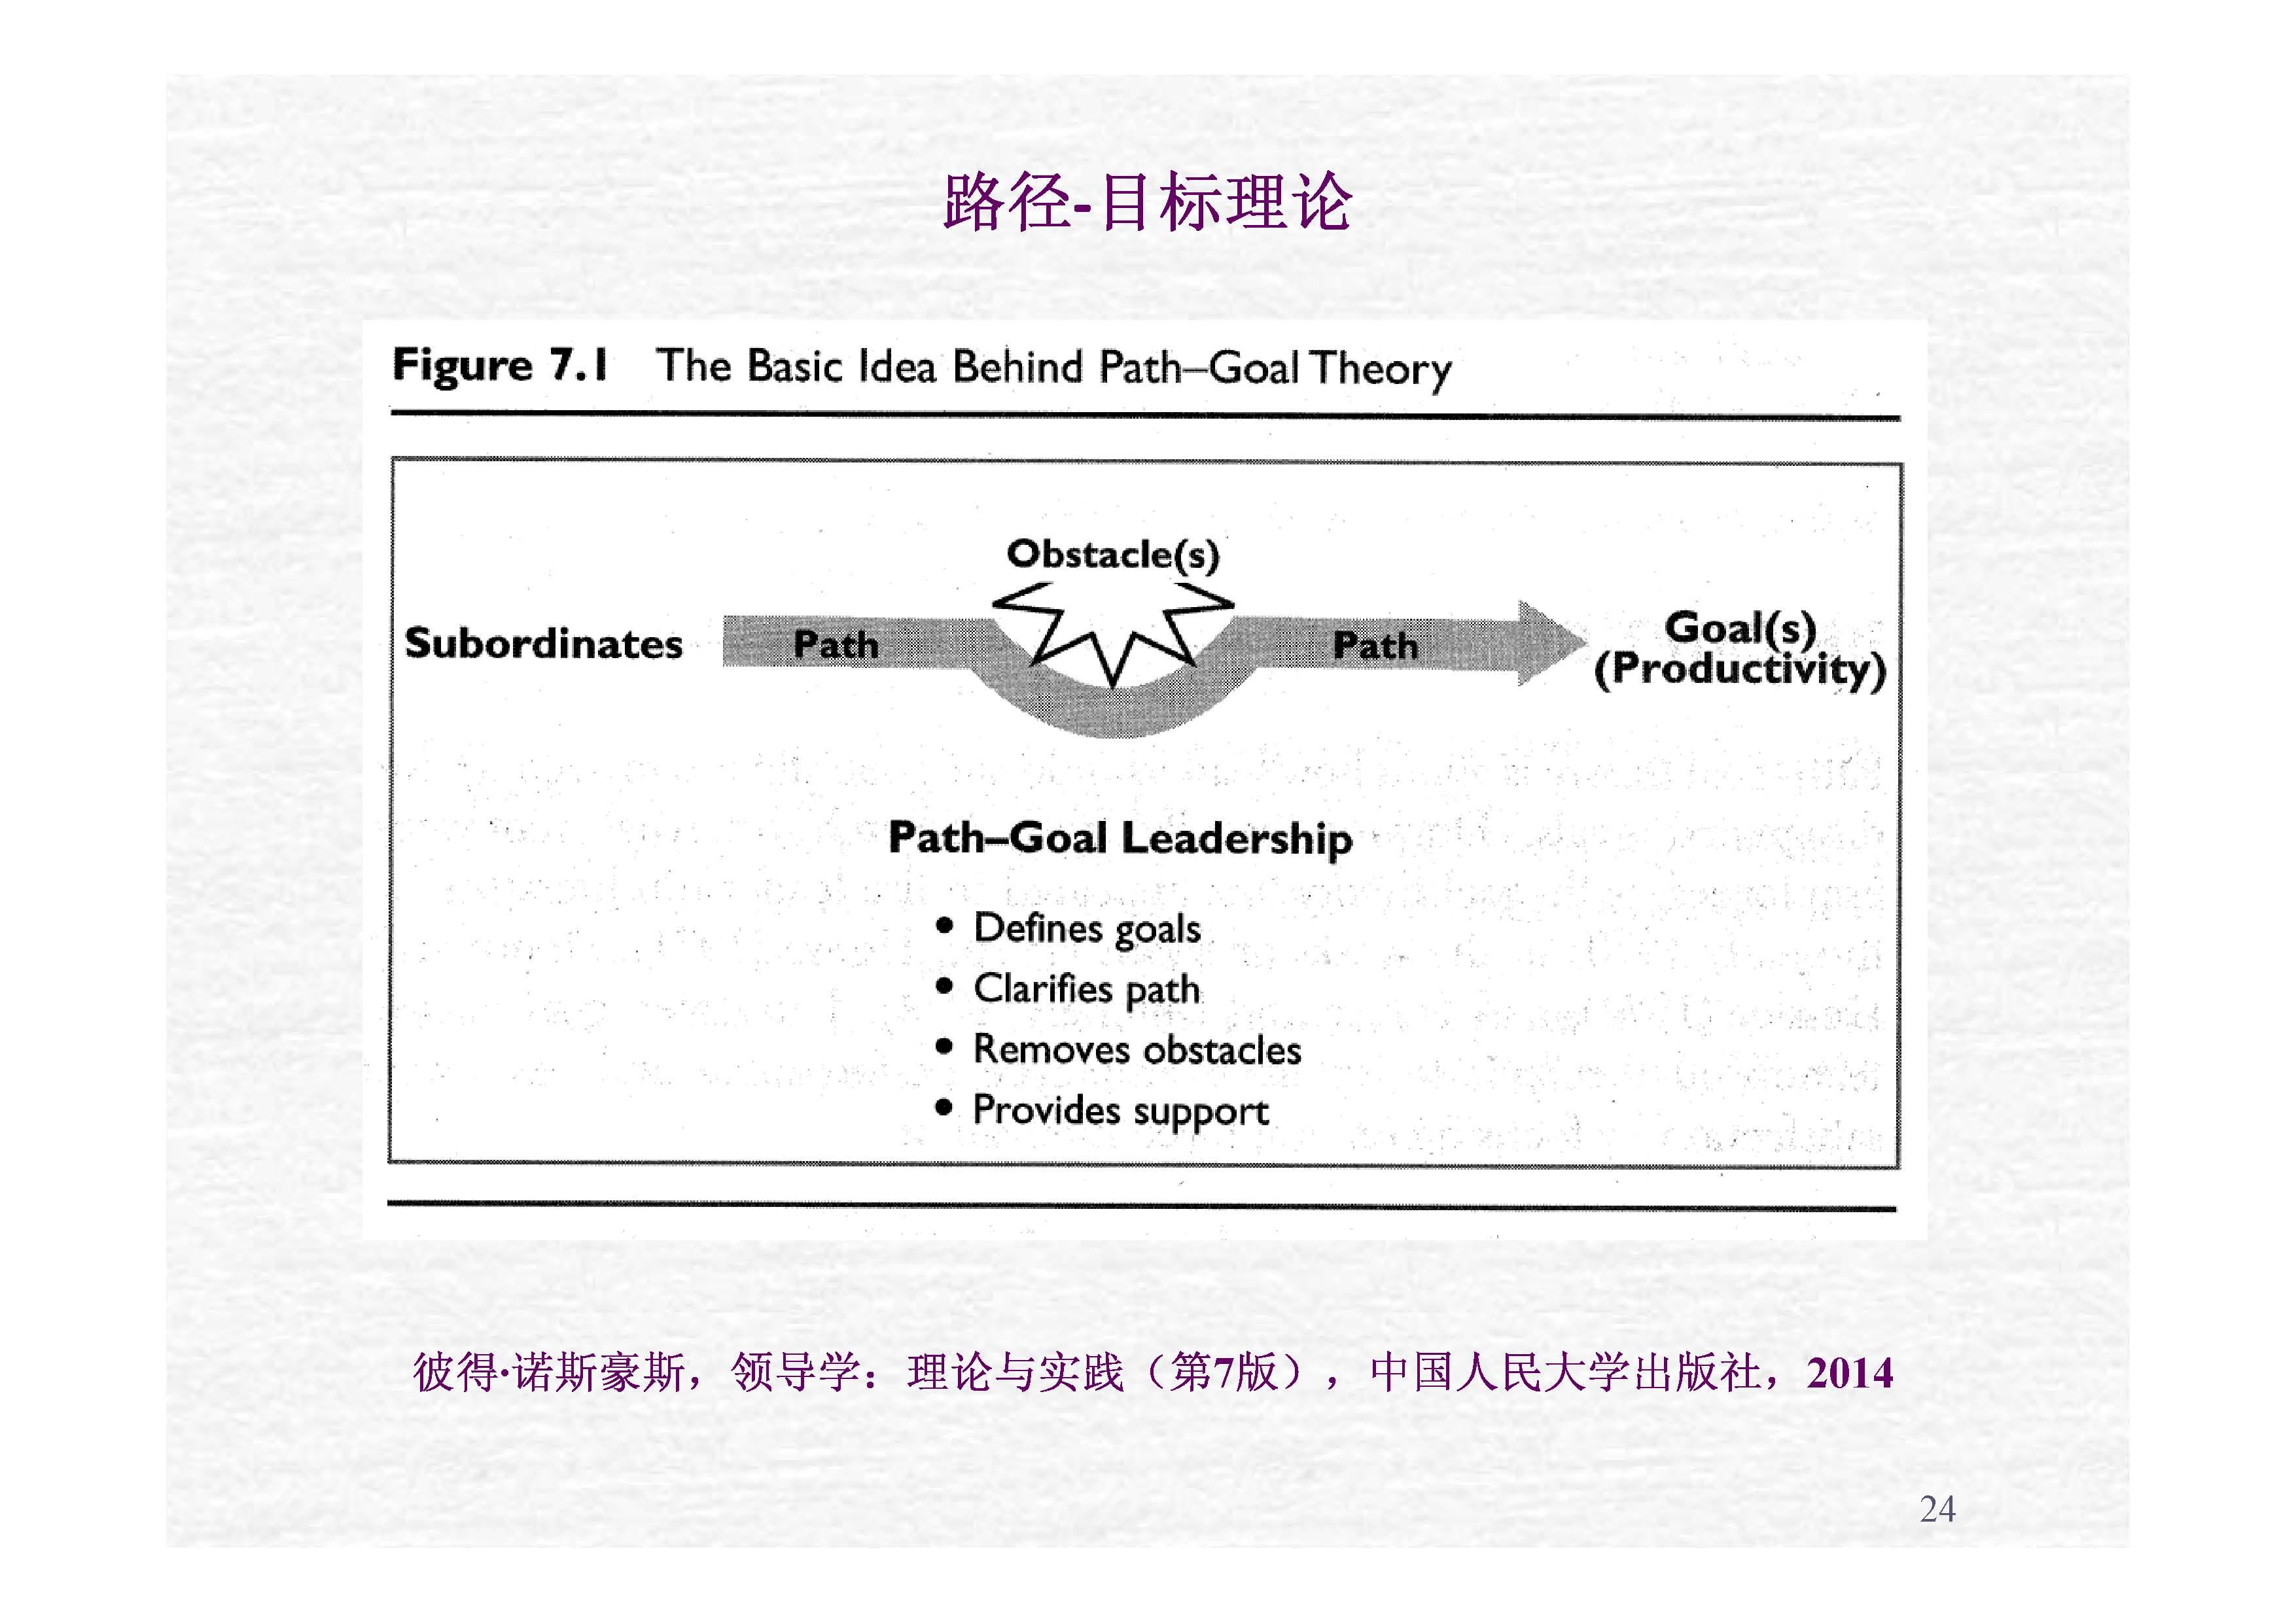 研究生师生矛盾及其化解对策-修订版-10_页面_24.jpg